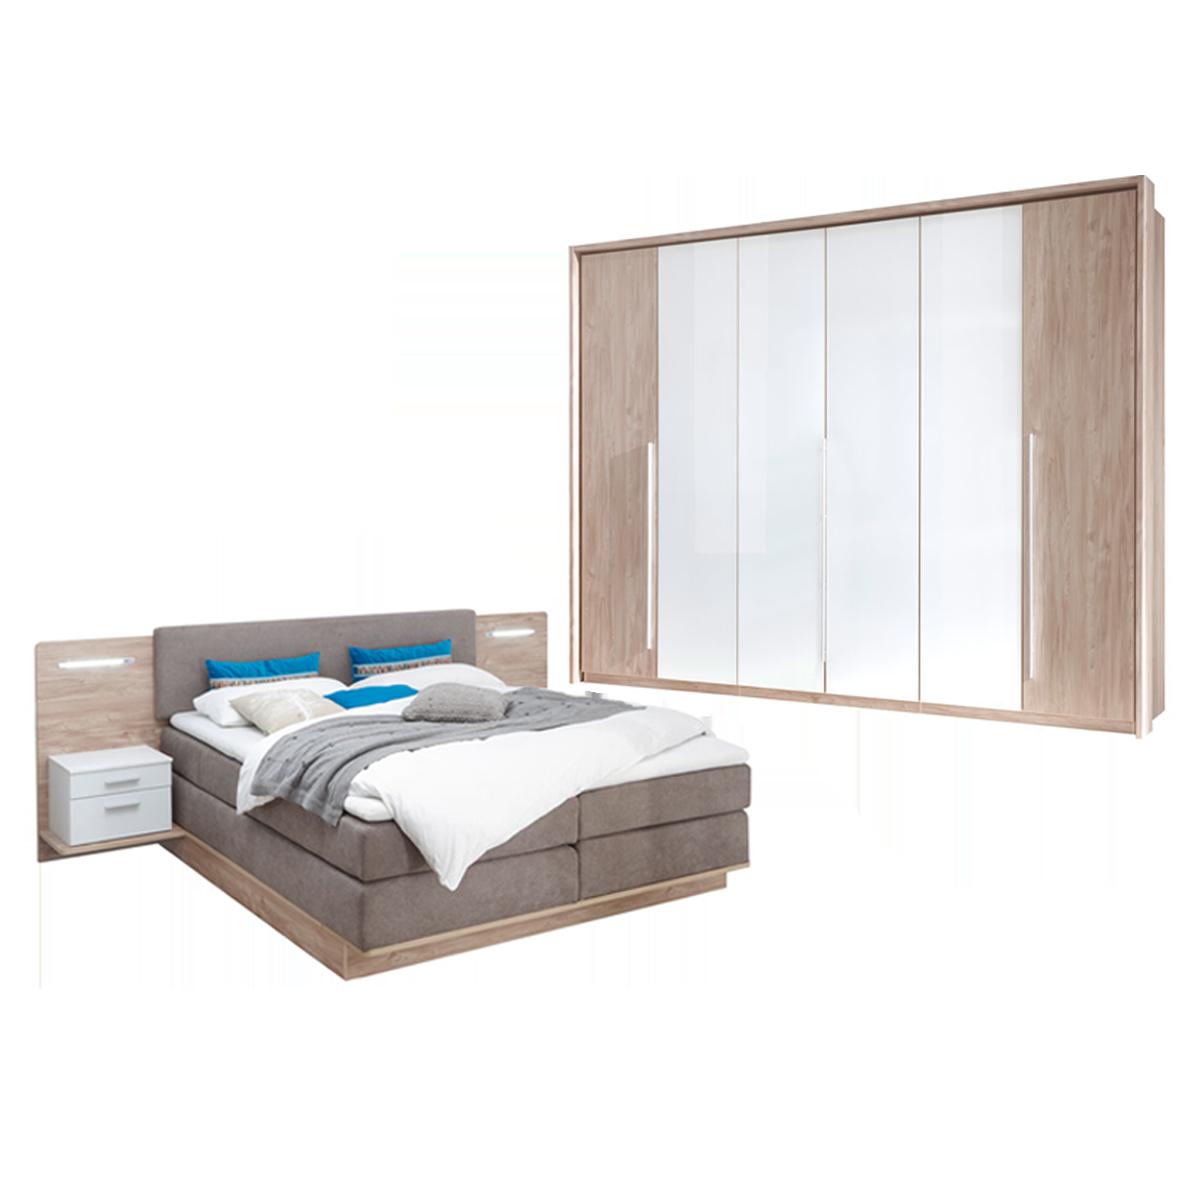 Schlafkontor Malibu Schlafzimmer bestehend aus Boxspringbett mit  Paneelnachtkommoden inkl. Beleuchtung und Kleiderschrank 6-türig optional  mit ...